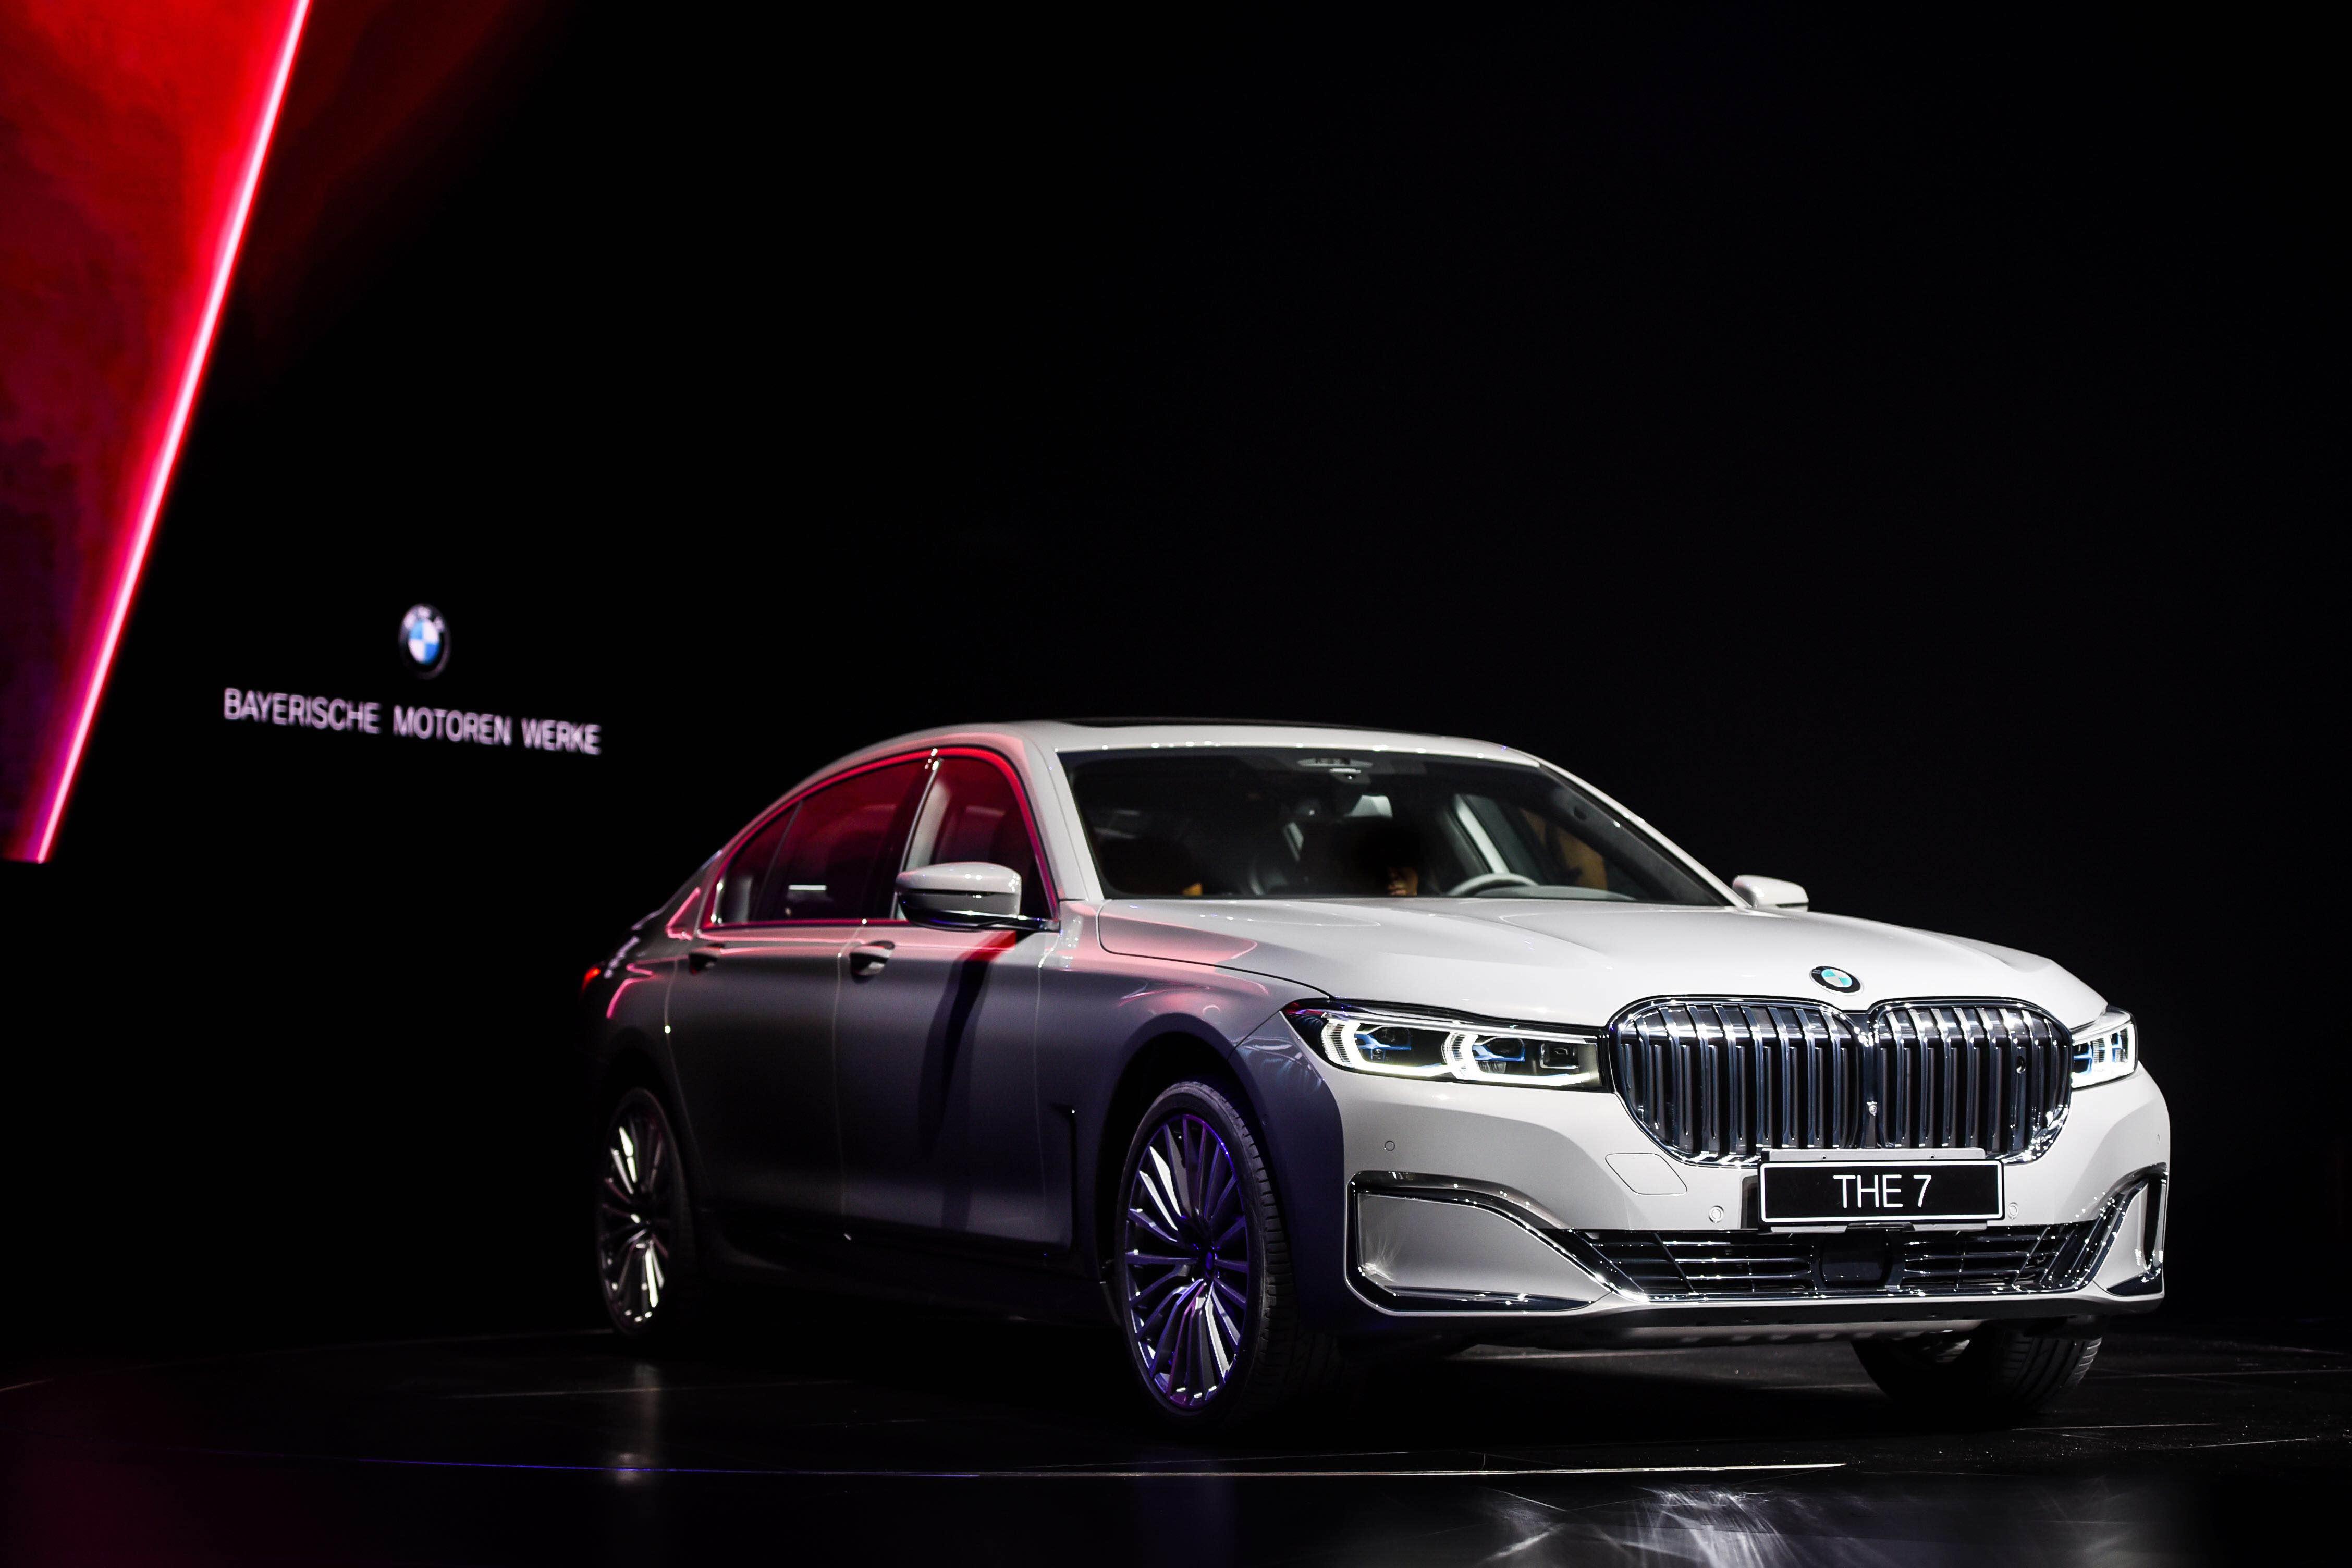 宝马豪华轿车_BMW大型豪华车阵容亮相 新款7系全球首发_凤凰网汽车_凤凰网